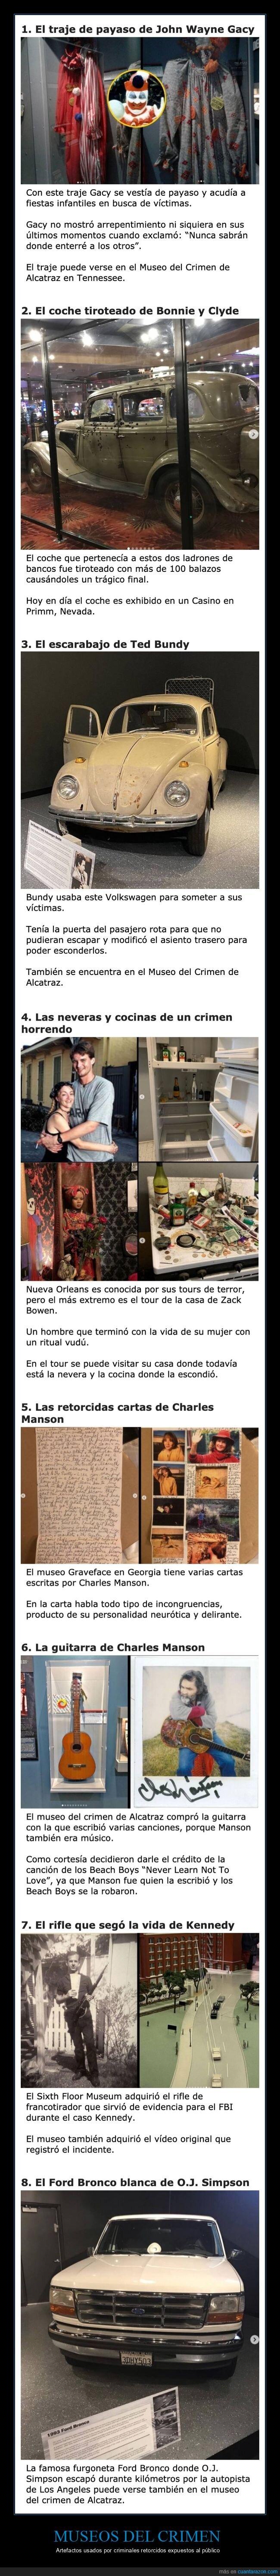 criminales,museos del crimen,objetos